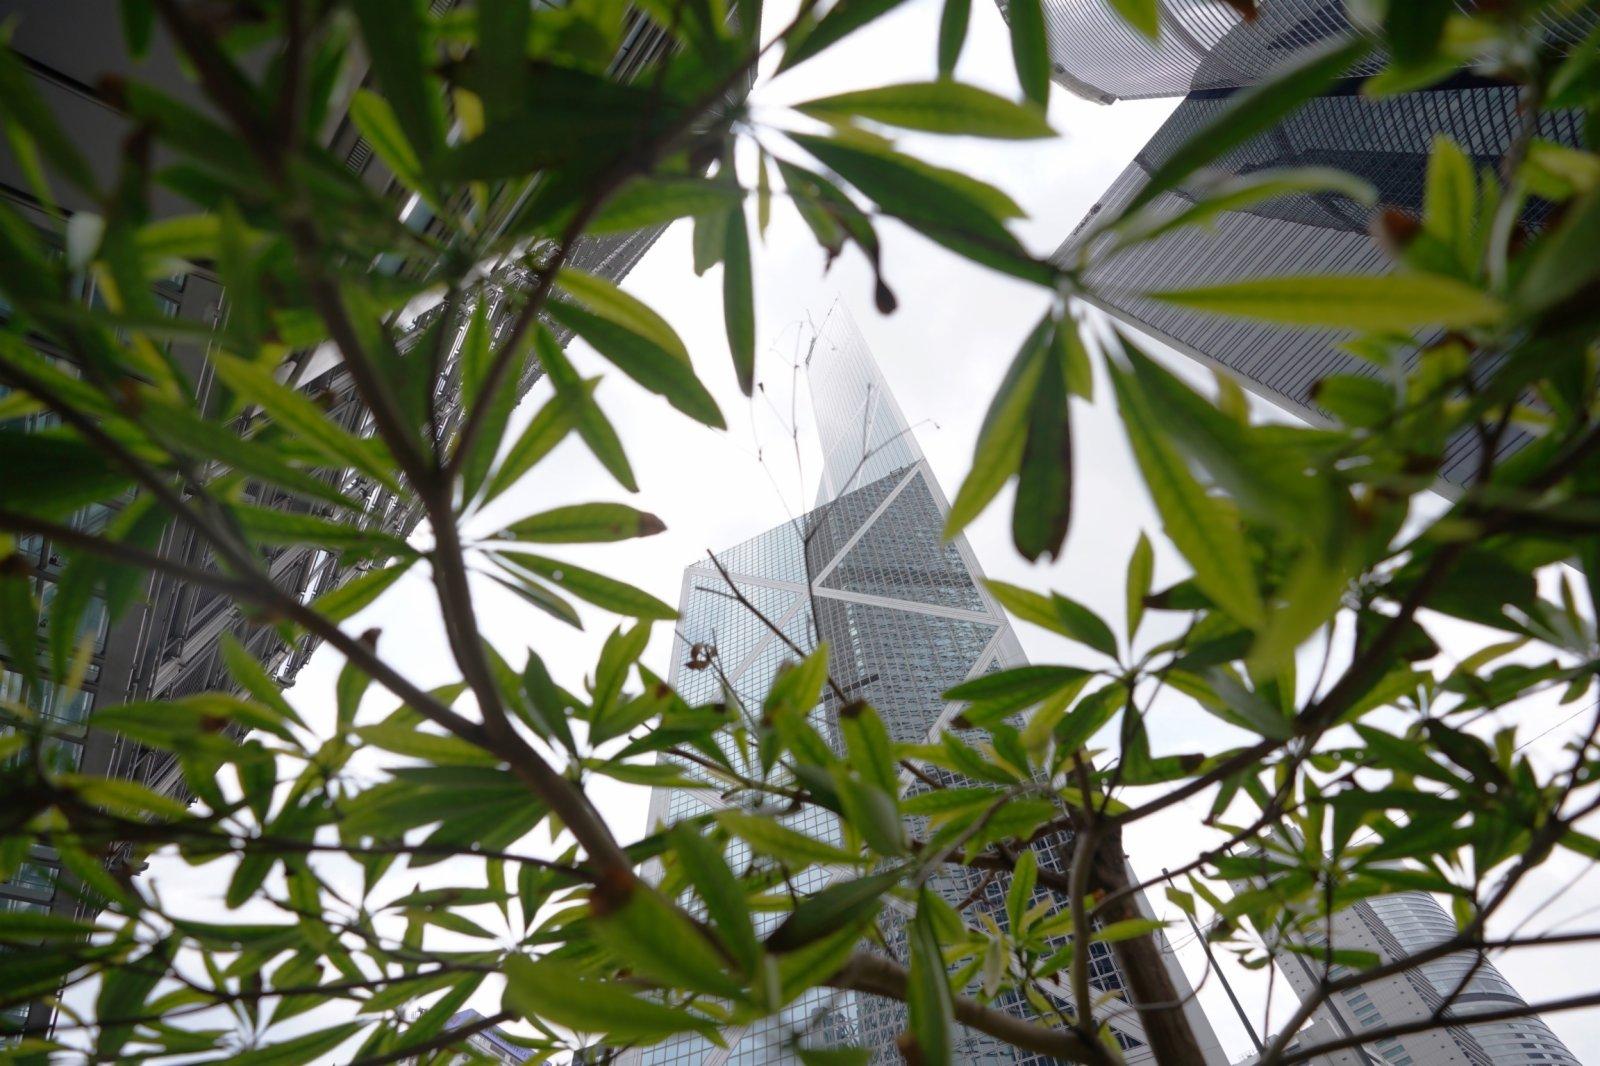 這是5月14日拍攝的香港中環摩天大樓。